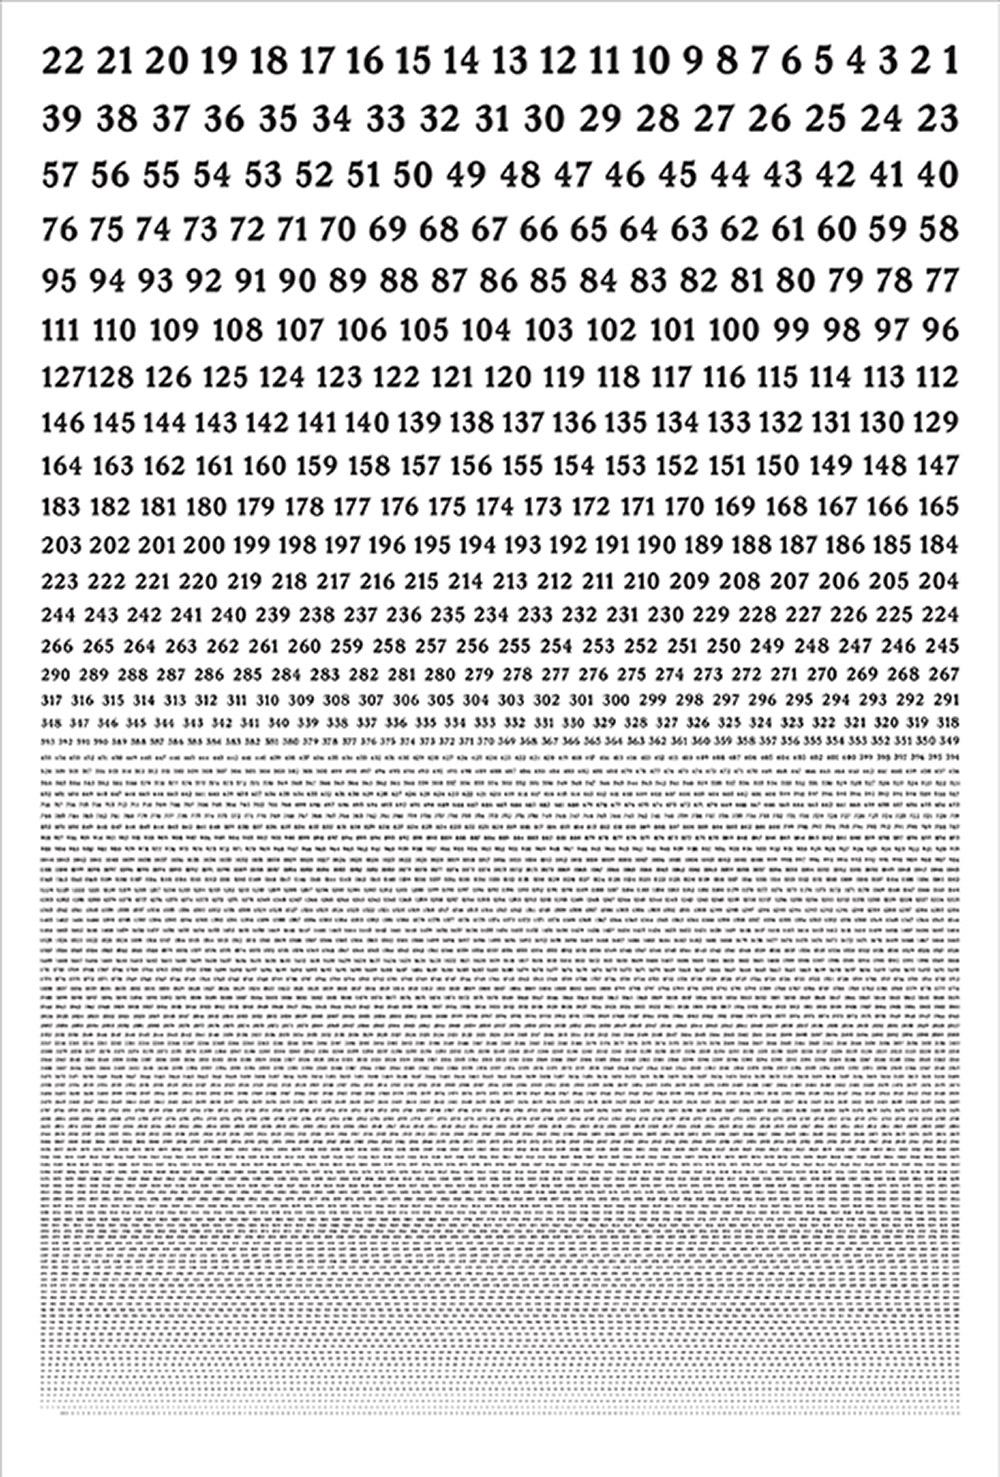 7304 ימים לרצח רבין, קובי פרנקו, 2015